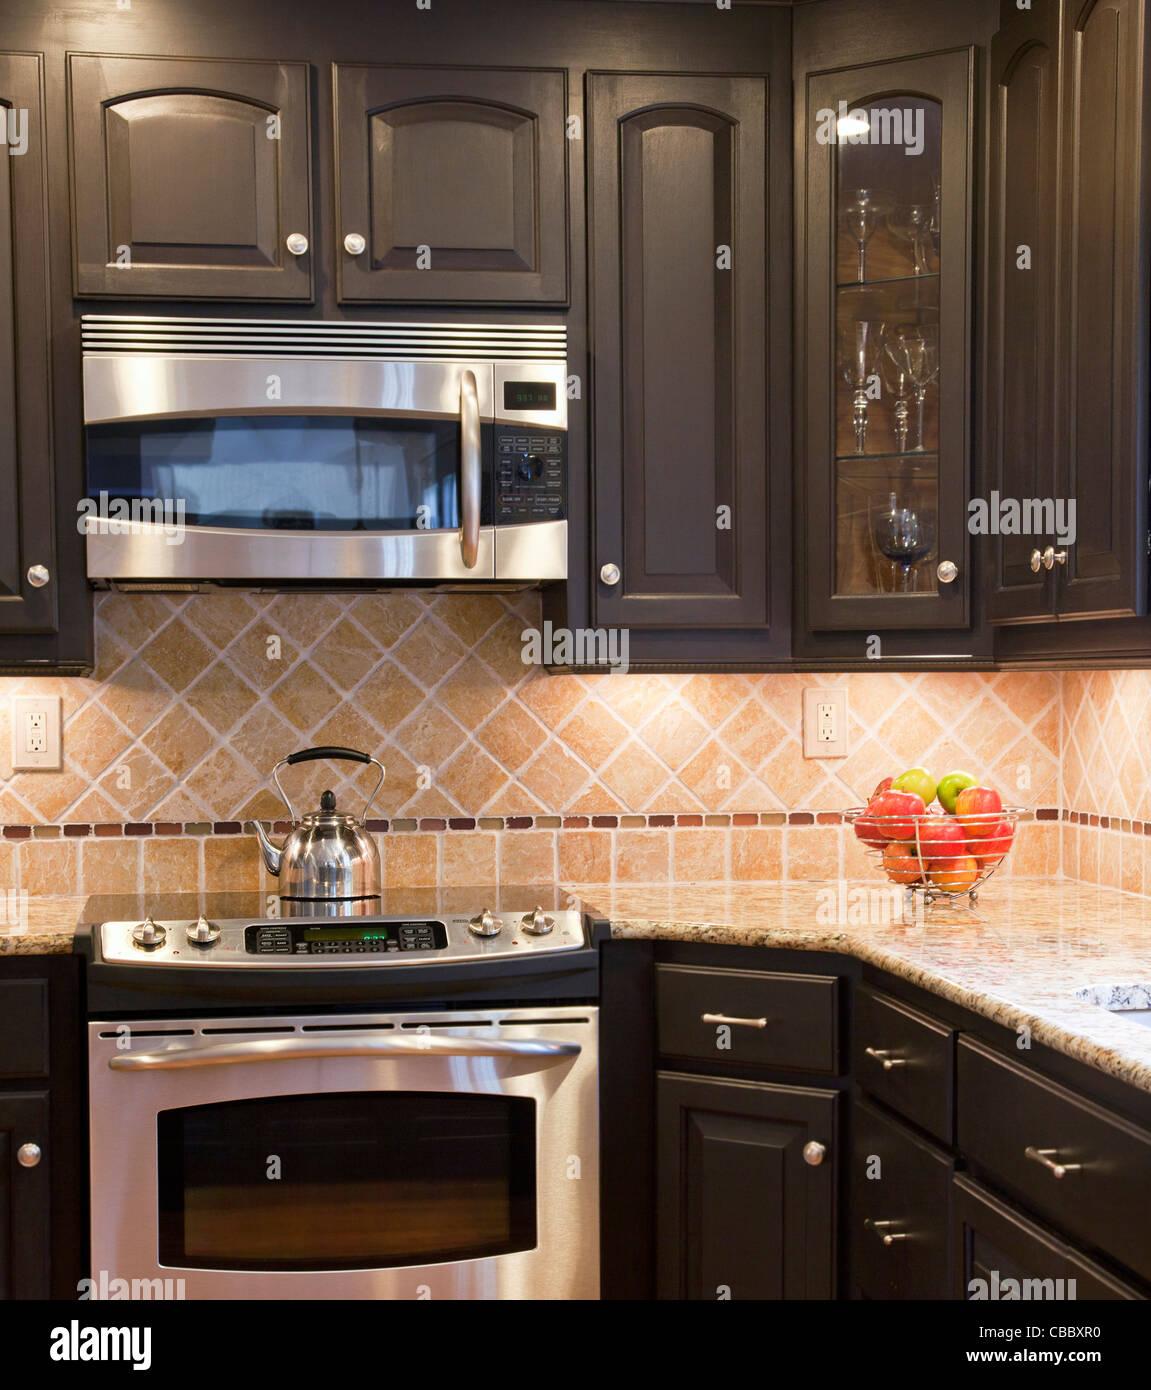 Cocina moderna con gabinetes de madera color marrón oscuro Foto ...